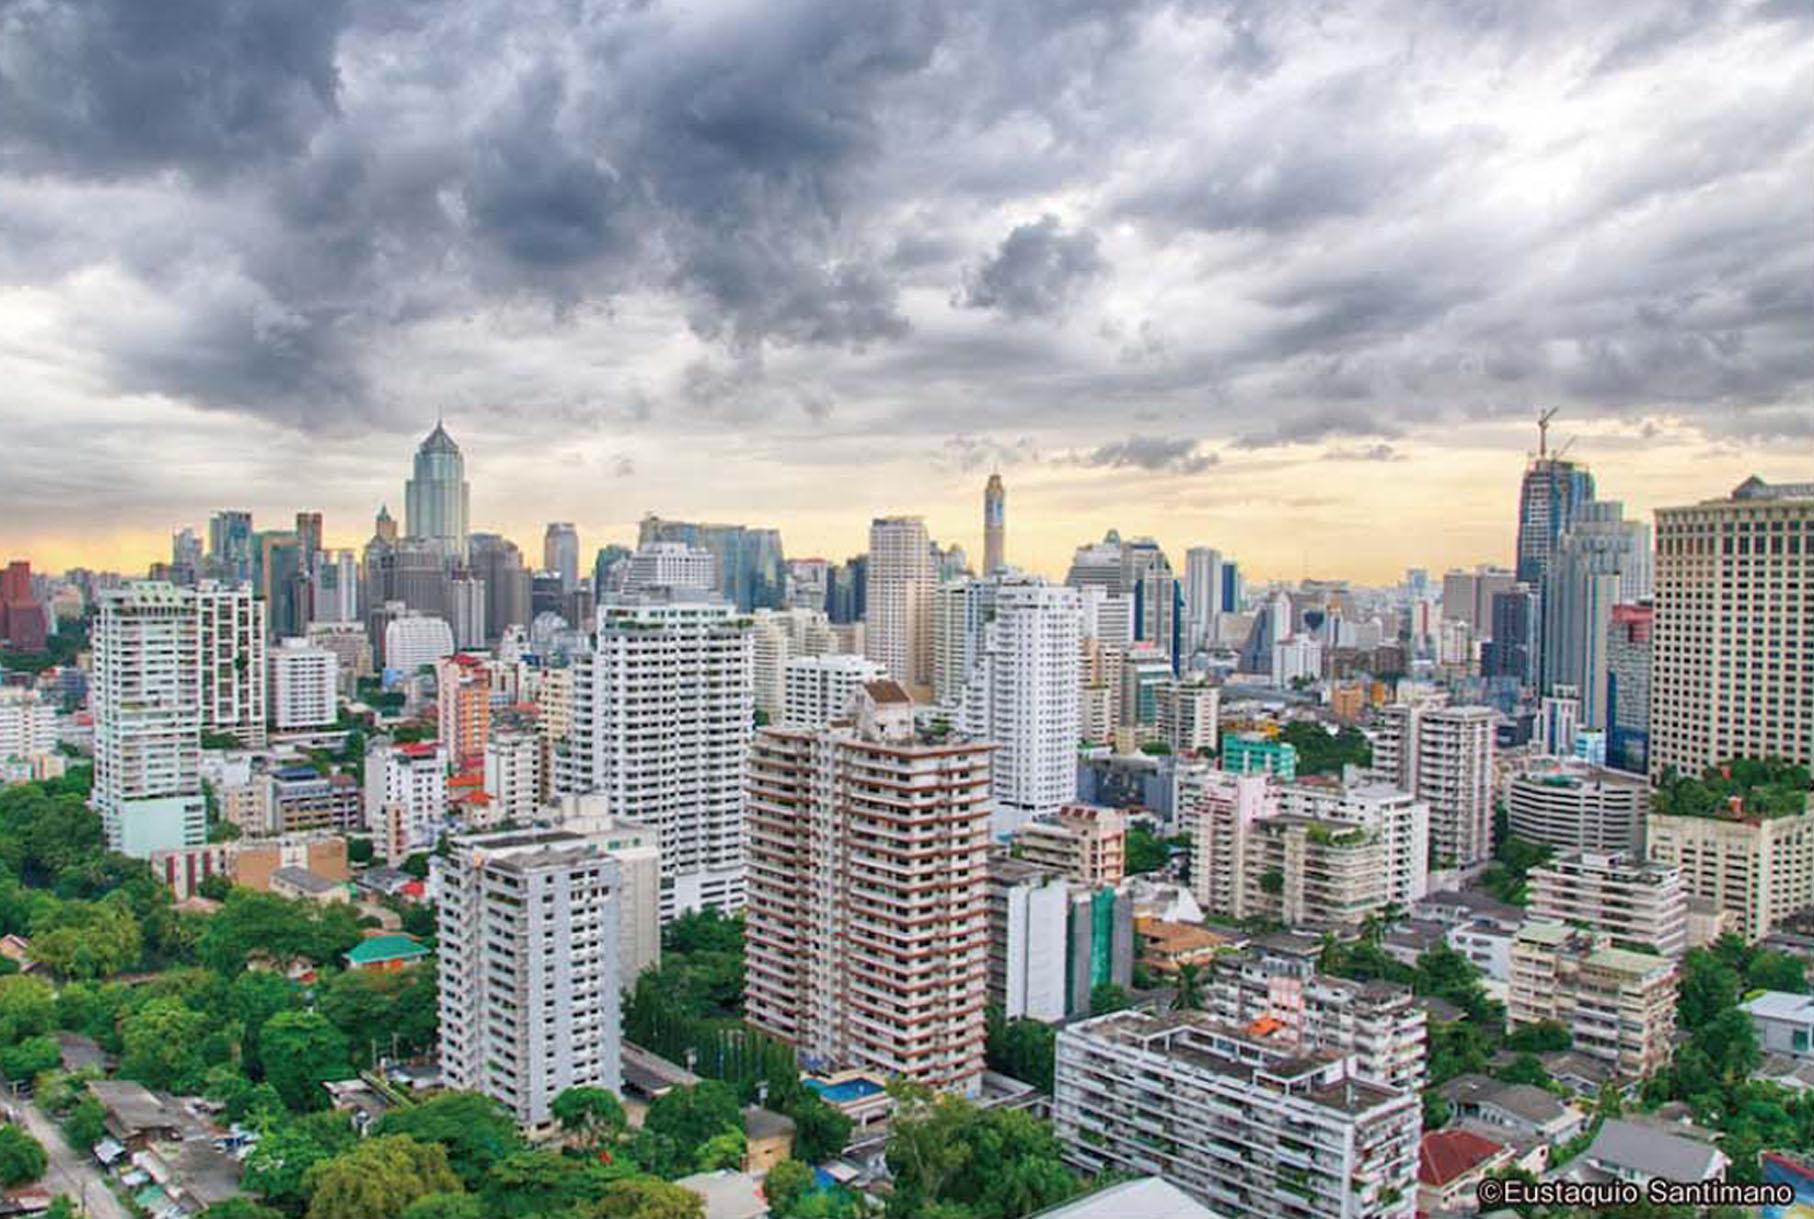 固定資産税導入なるか - ワイズデジタル【タイで生活する人のための情報サイト】